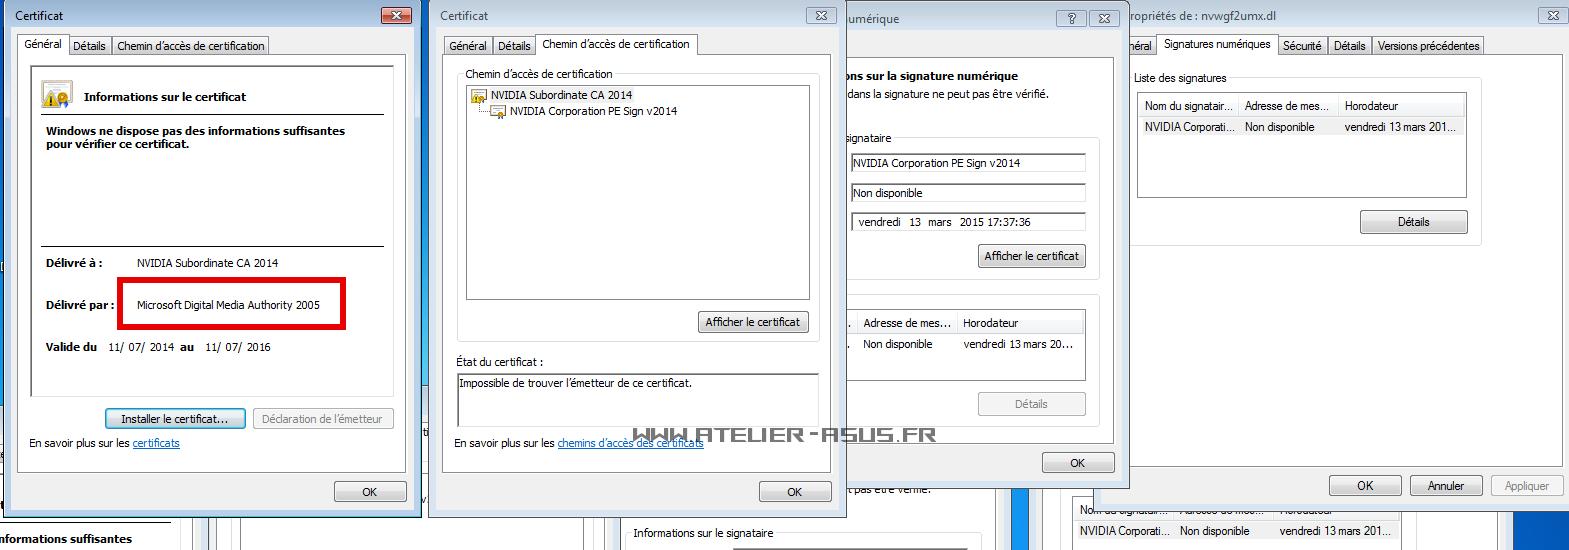 faille_de_chiffrement-png.7415